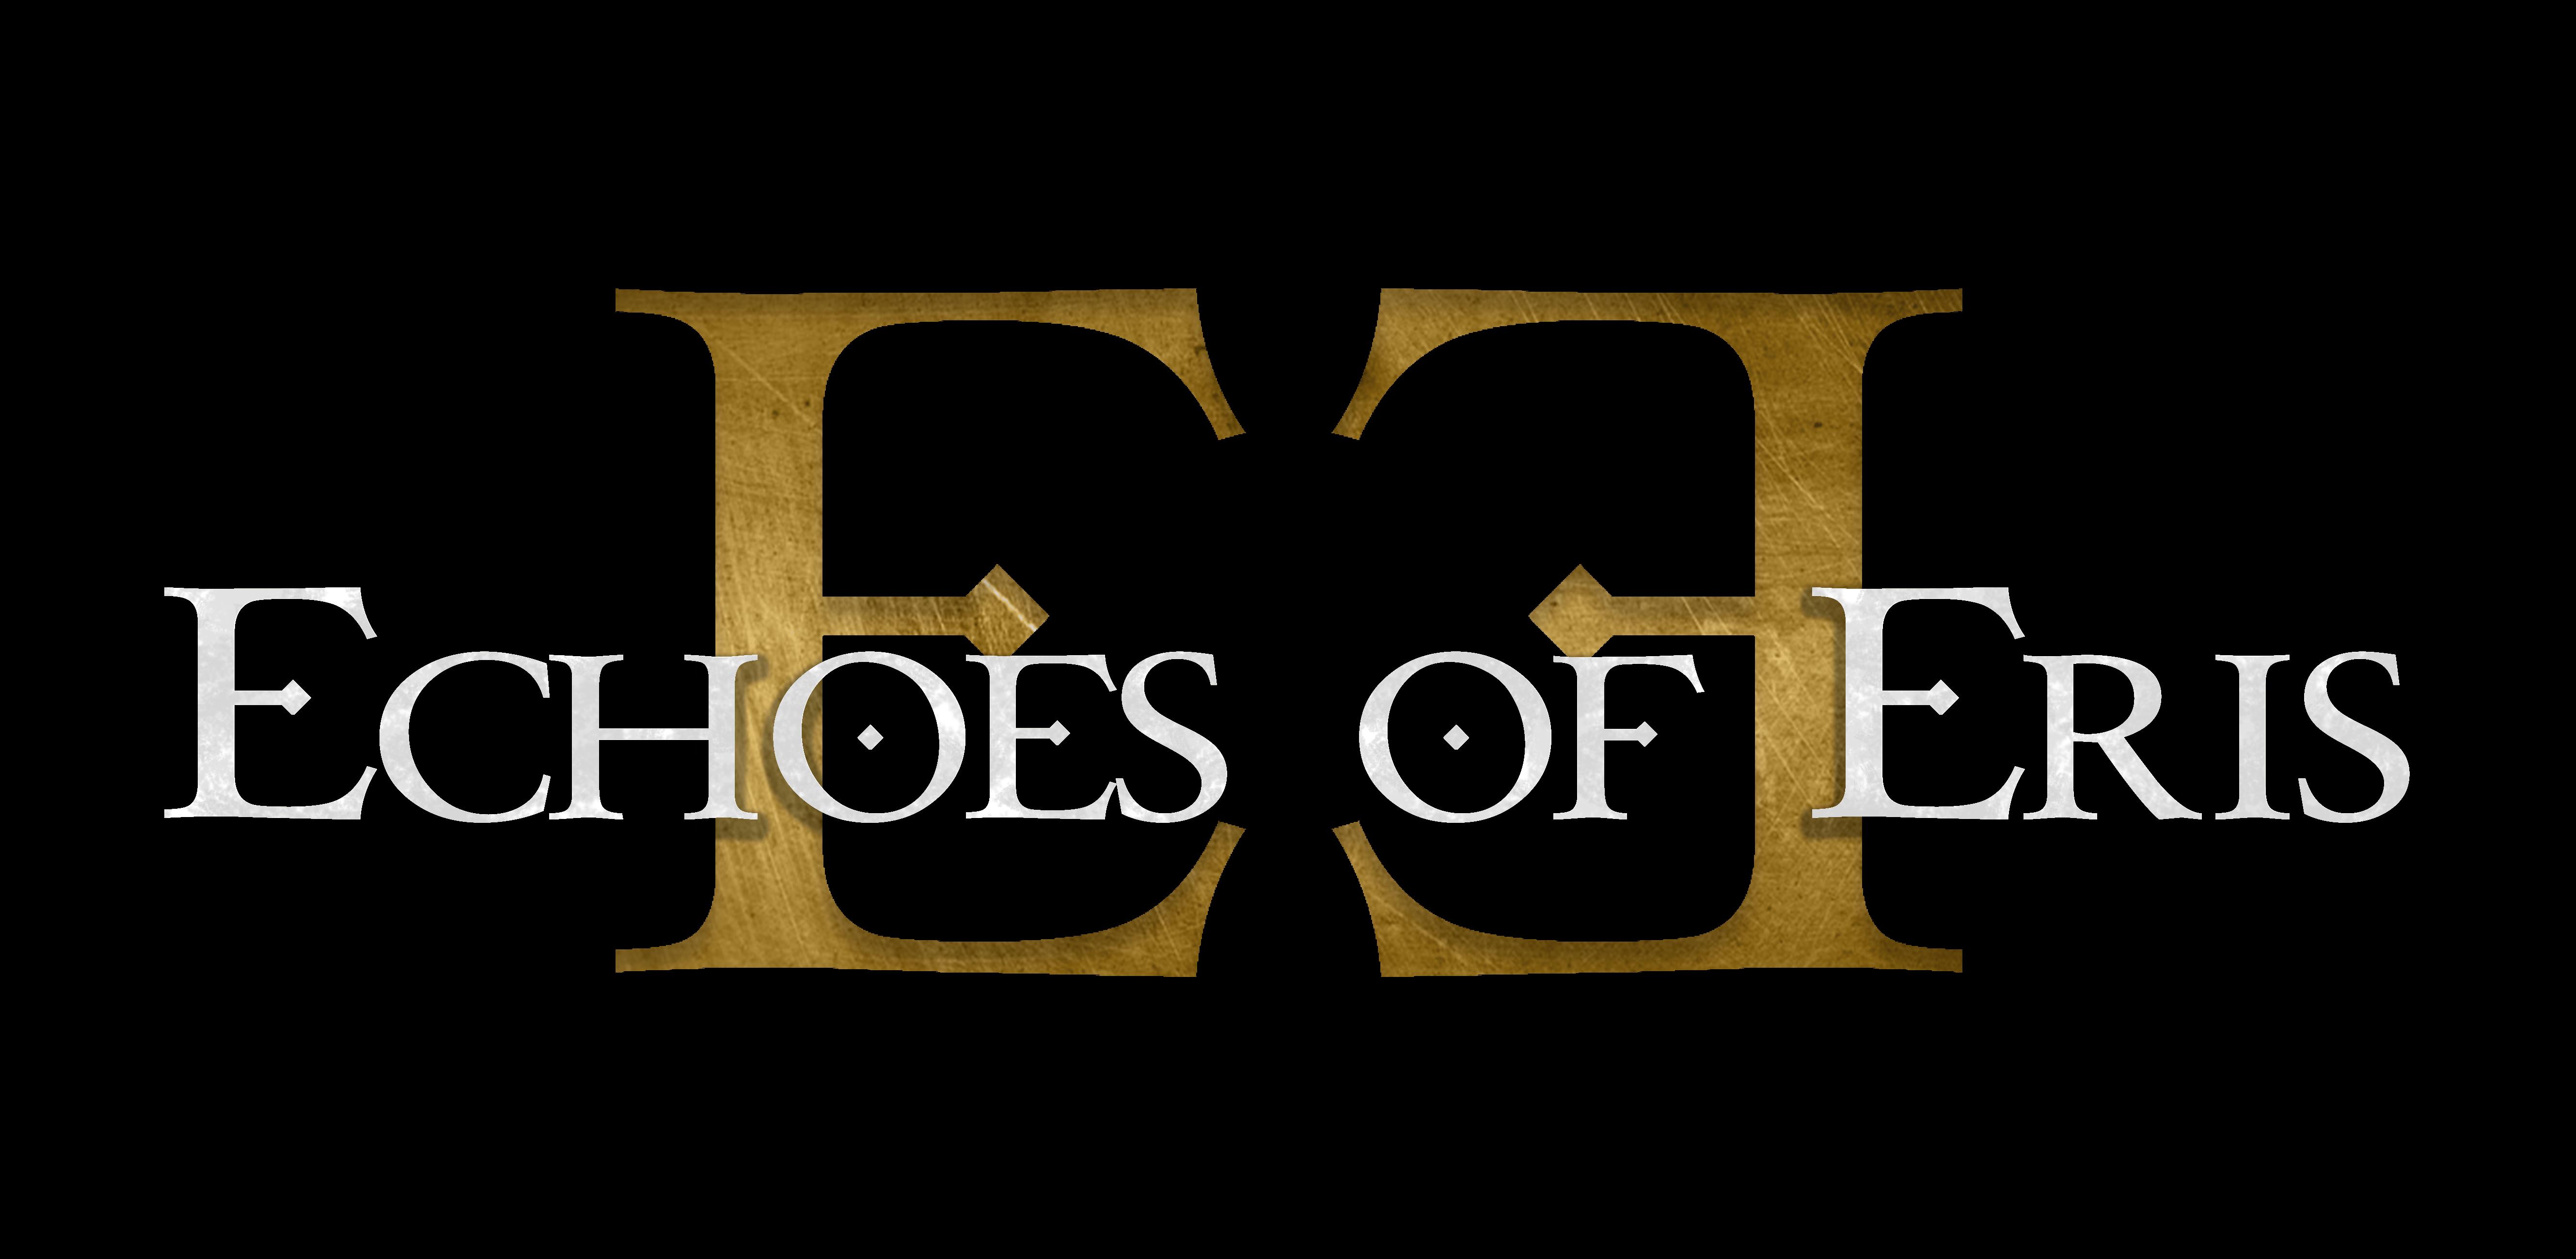 Echoes Of Eris